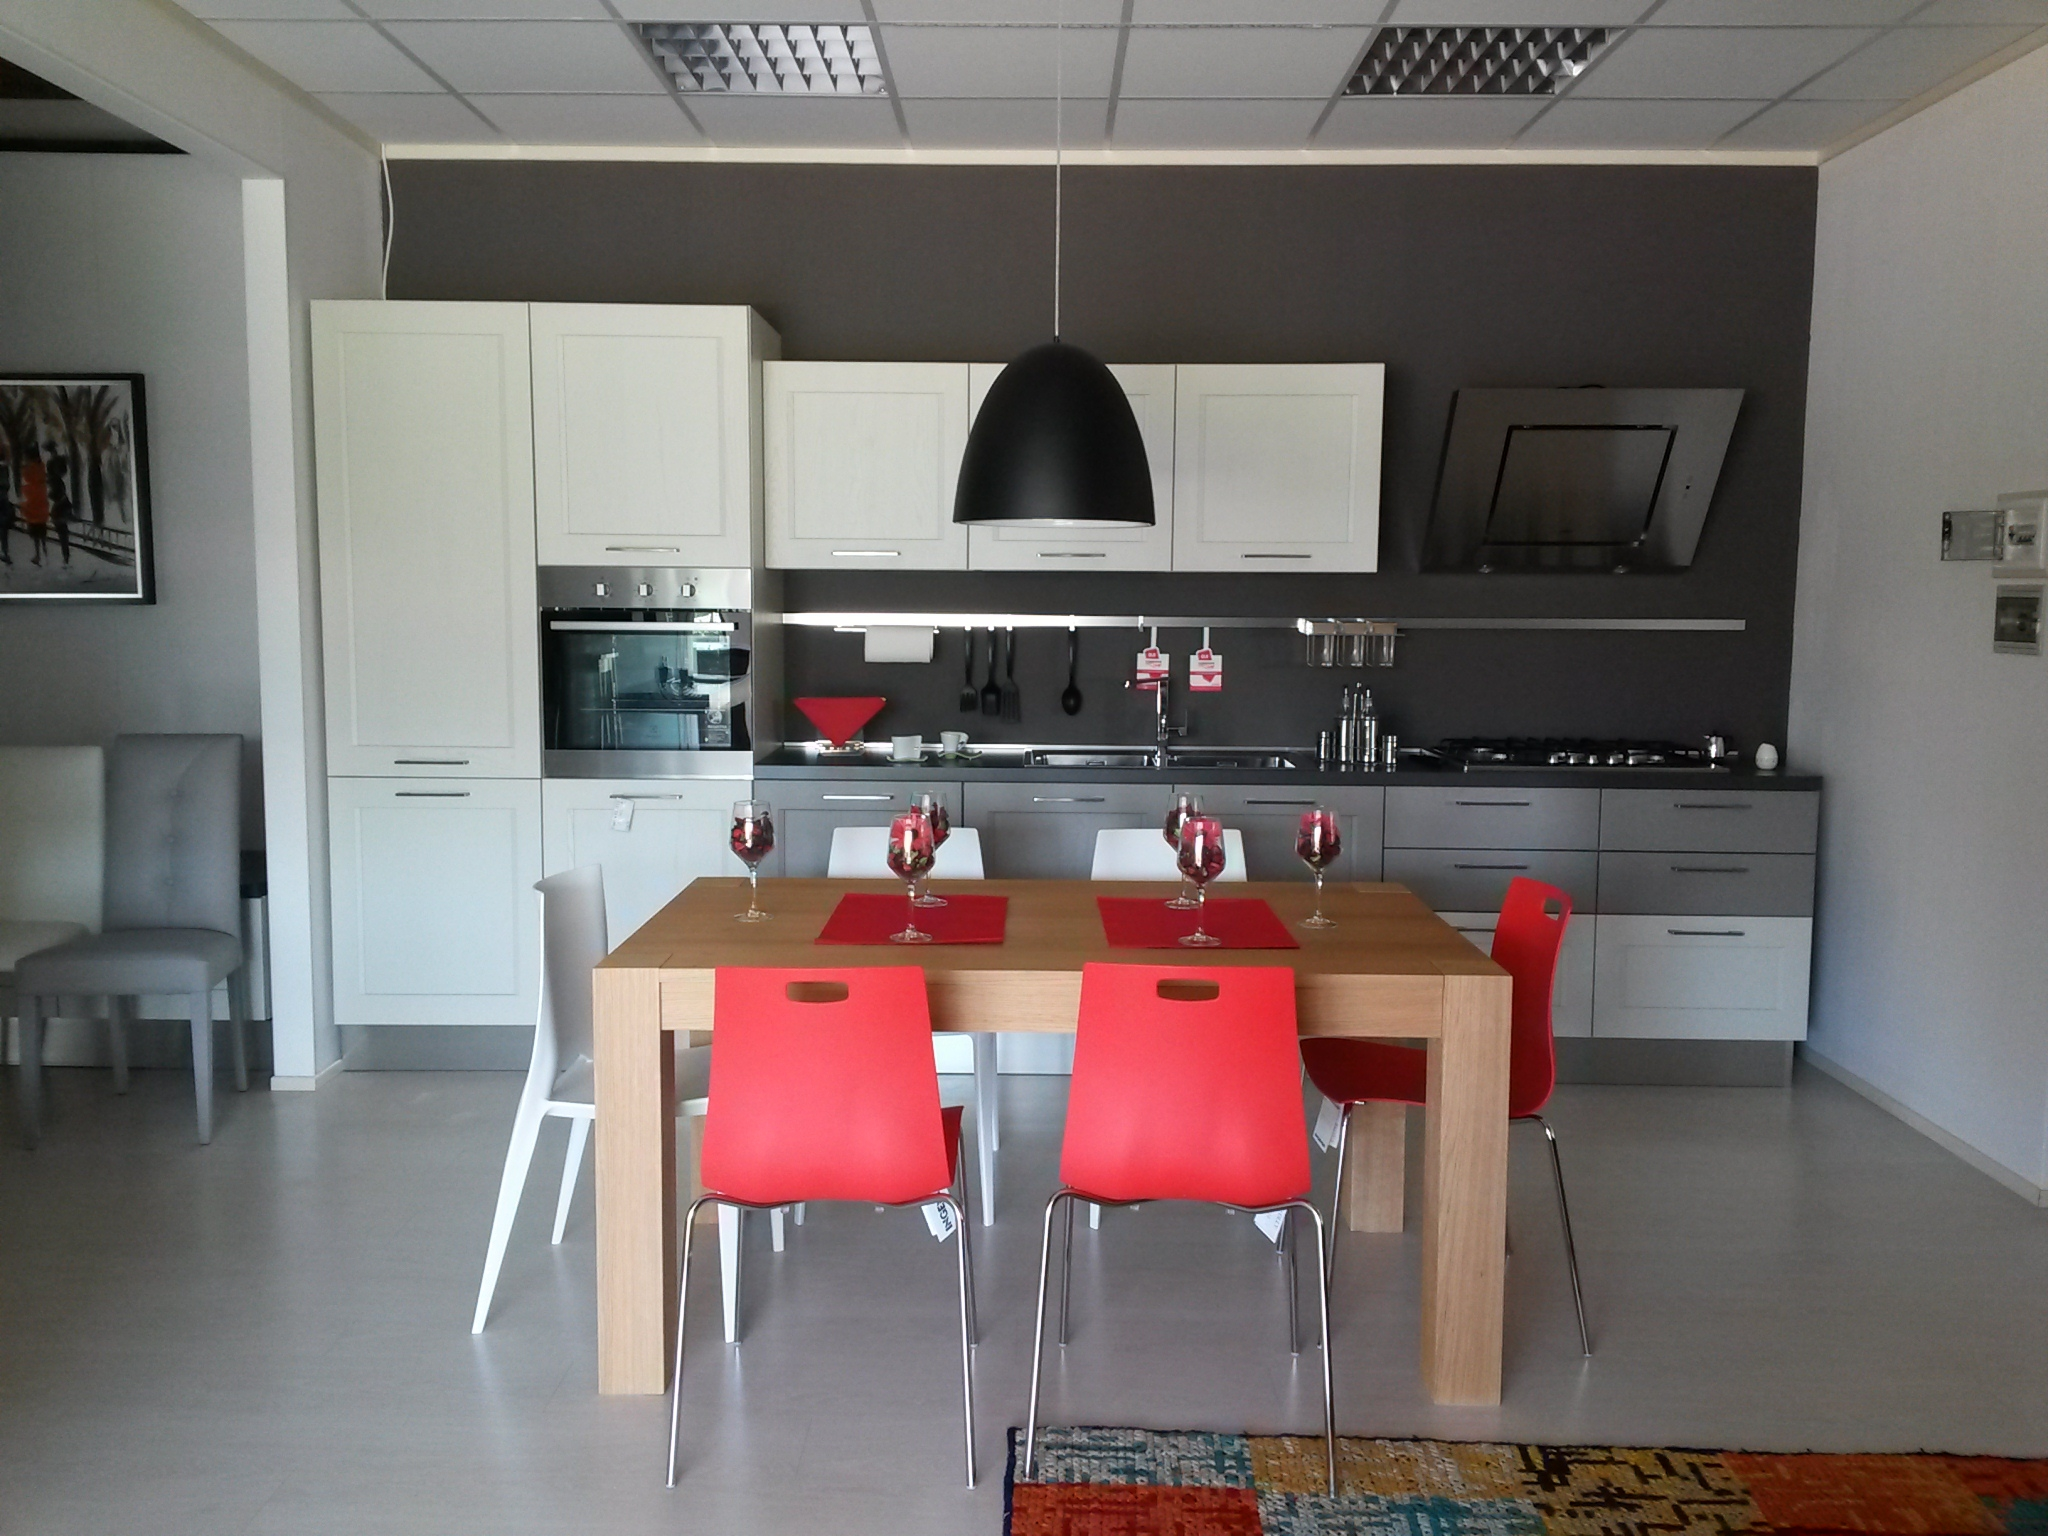 Gicinque Cucine Cucina Elite Scontato Del  60 % Cucine A Prezzi  #B92112 3072 1728 Veneta Cucine E Soggiorni